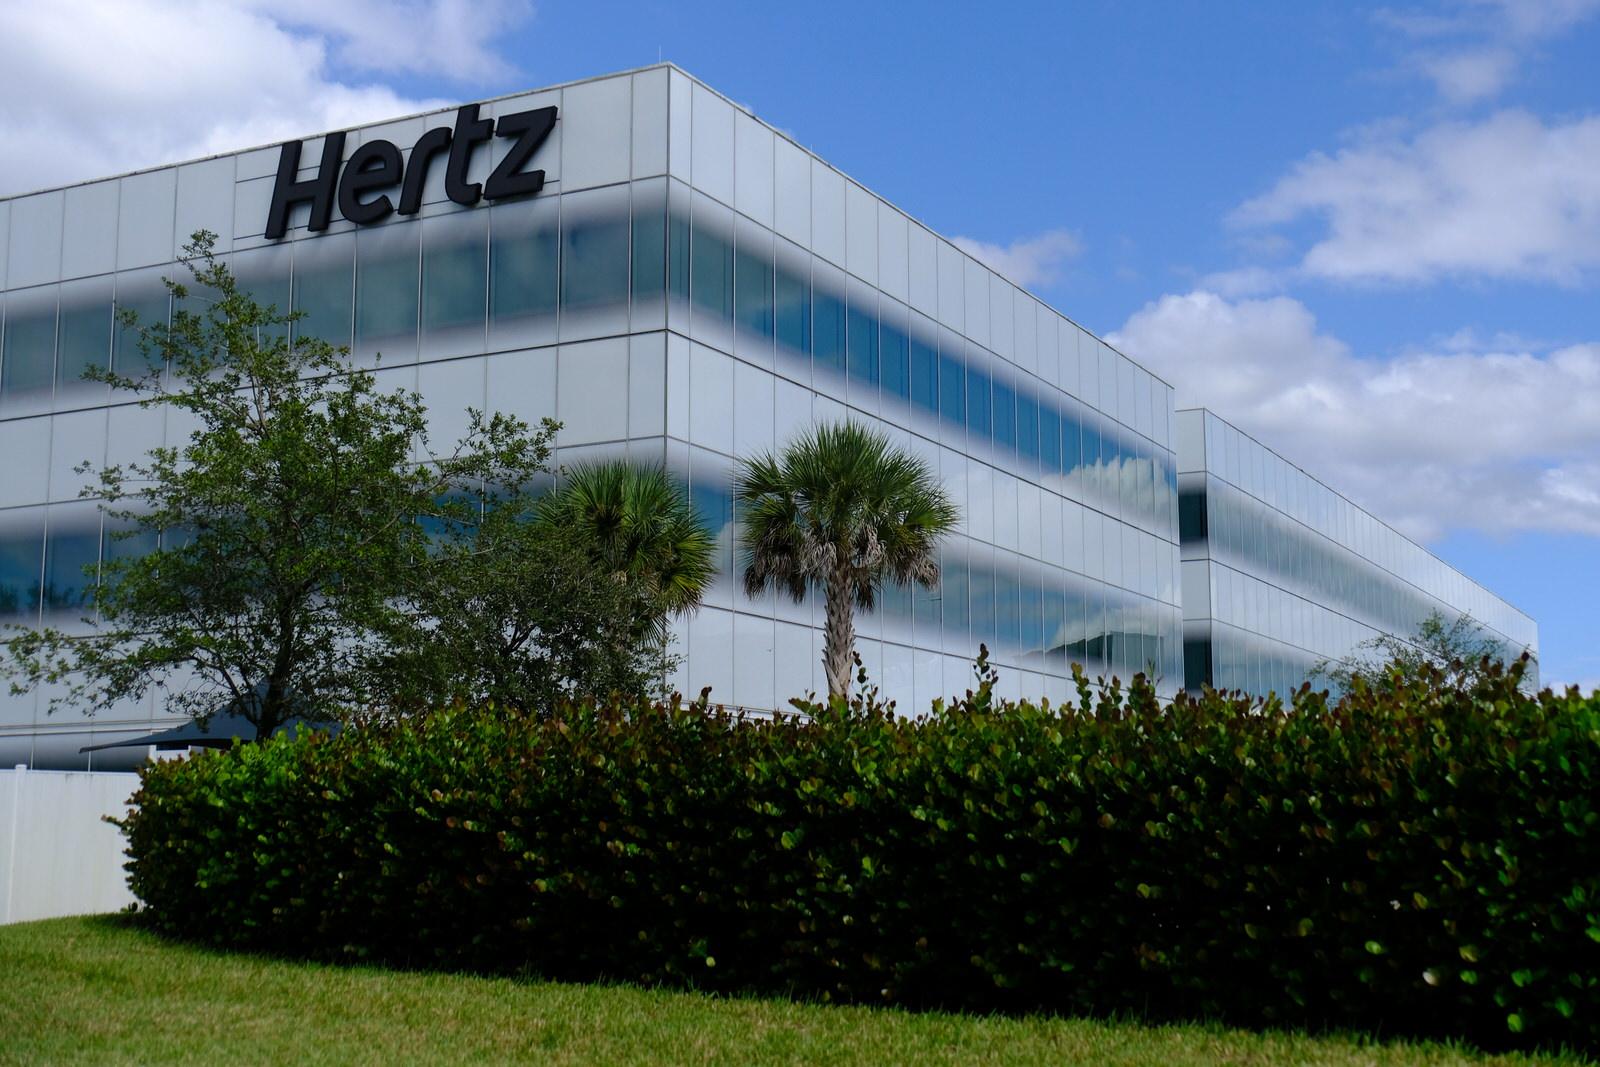 Hertz's corporate headquarters in Estero, Florida.